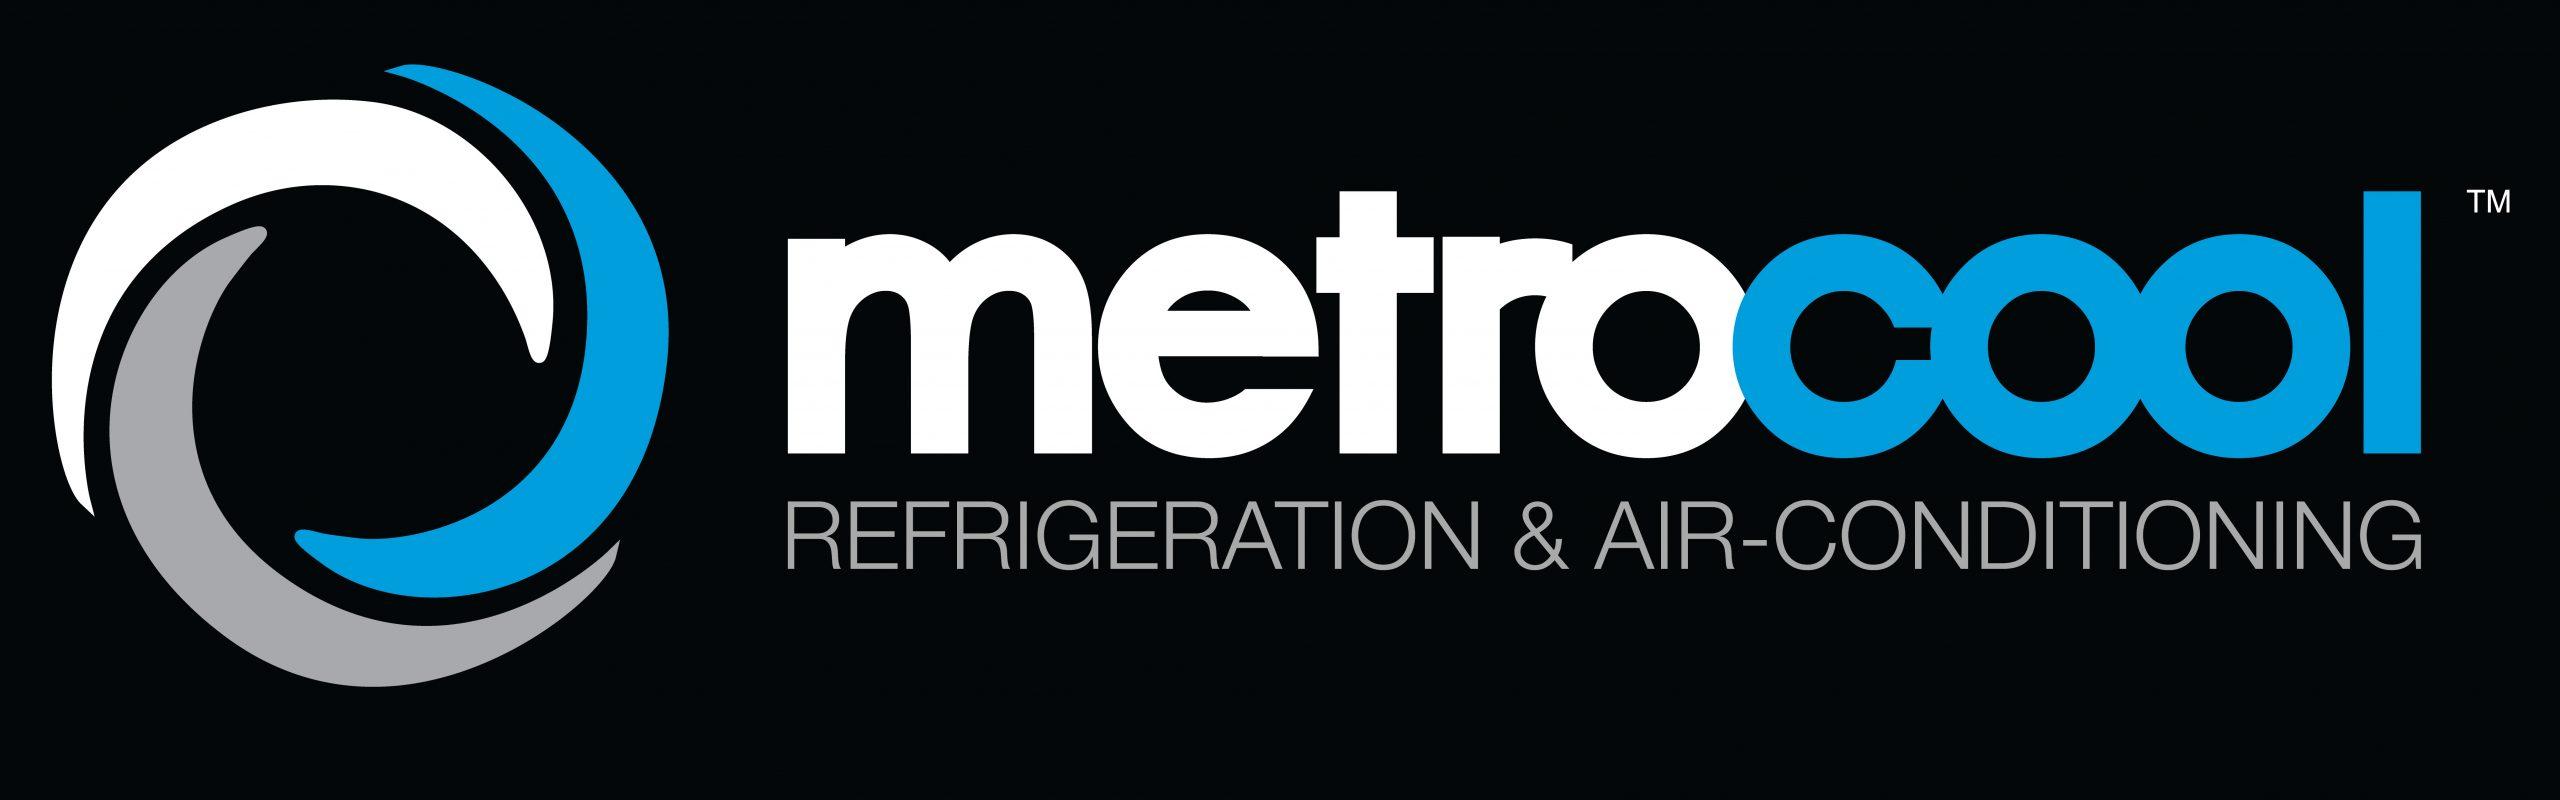 METROCOOL-weblogo (1)